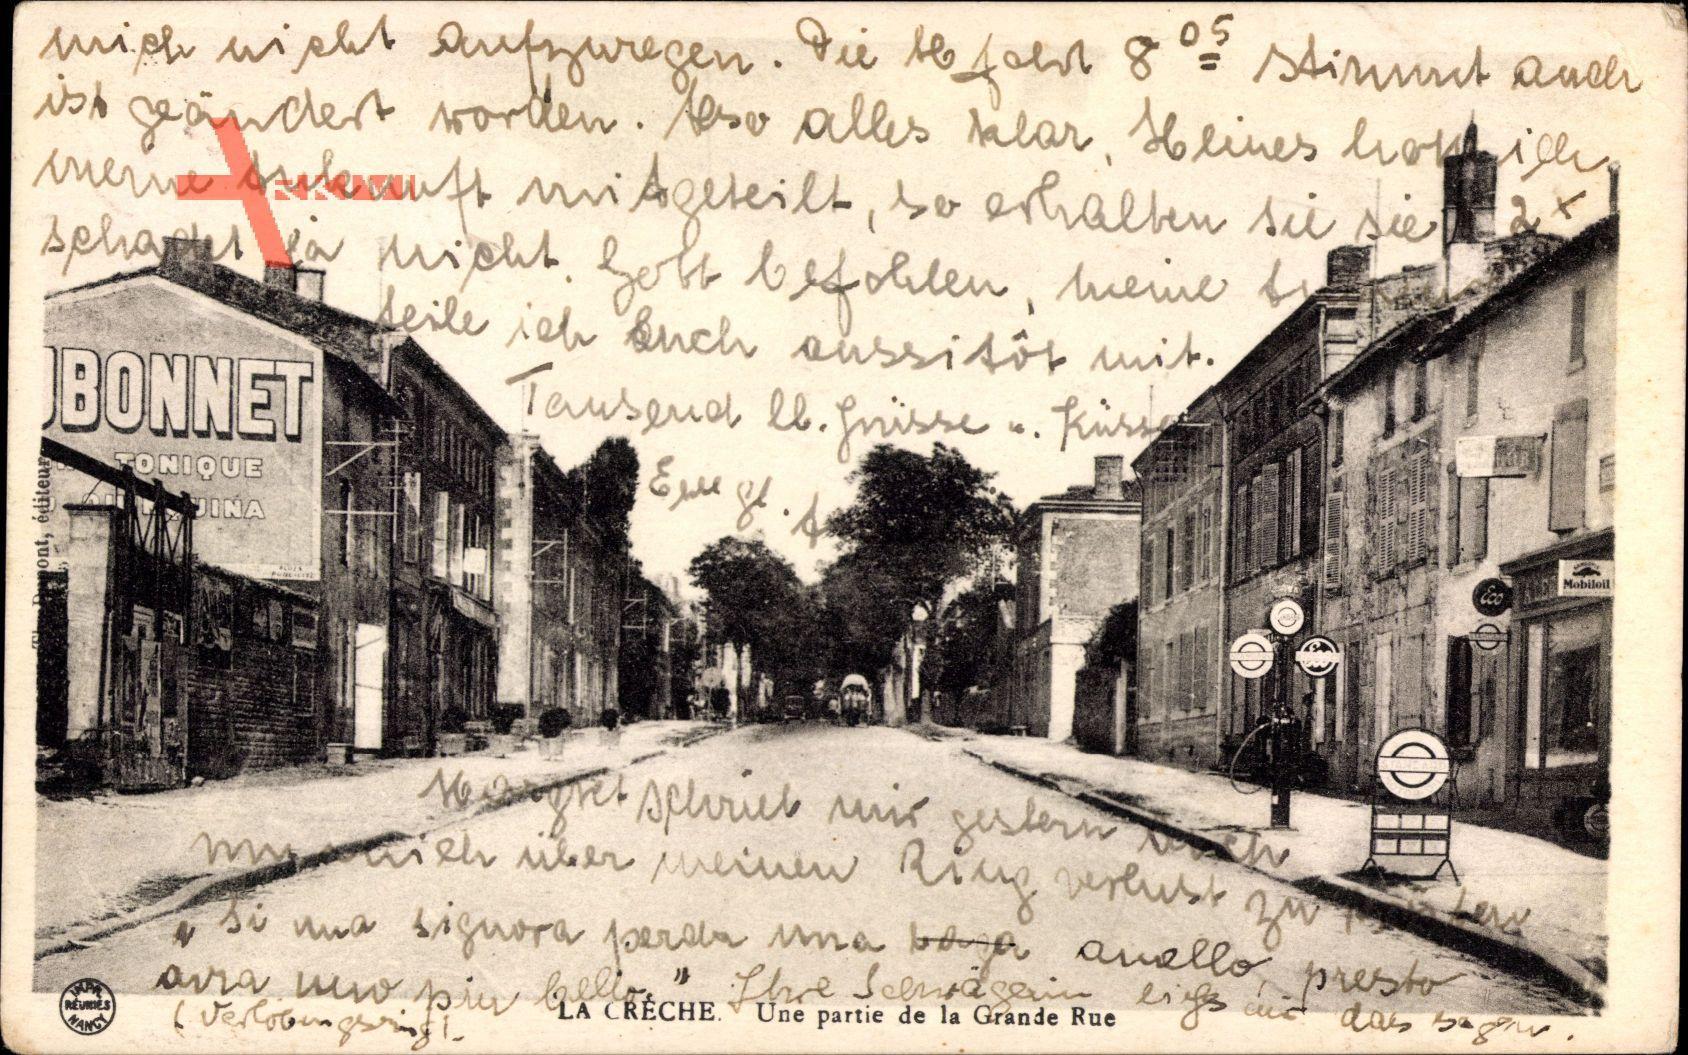 La Créche Deux Sèvres, Une partie de la Grande Rue, Zapfsäule